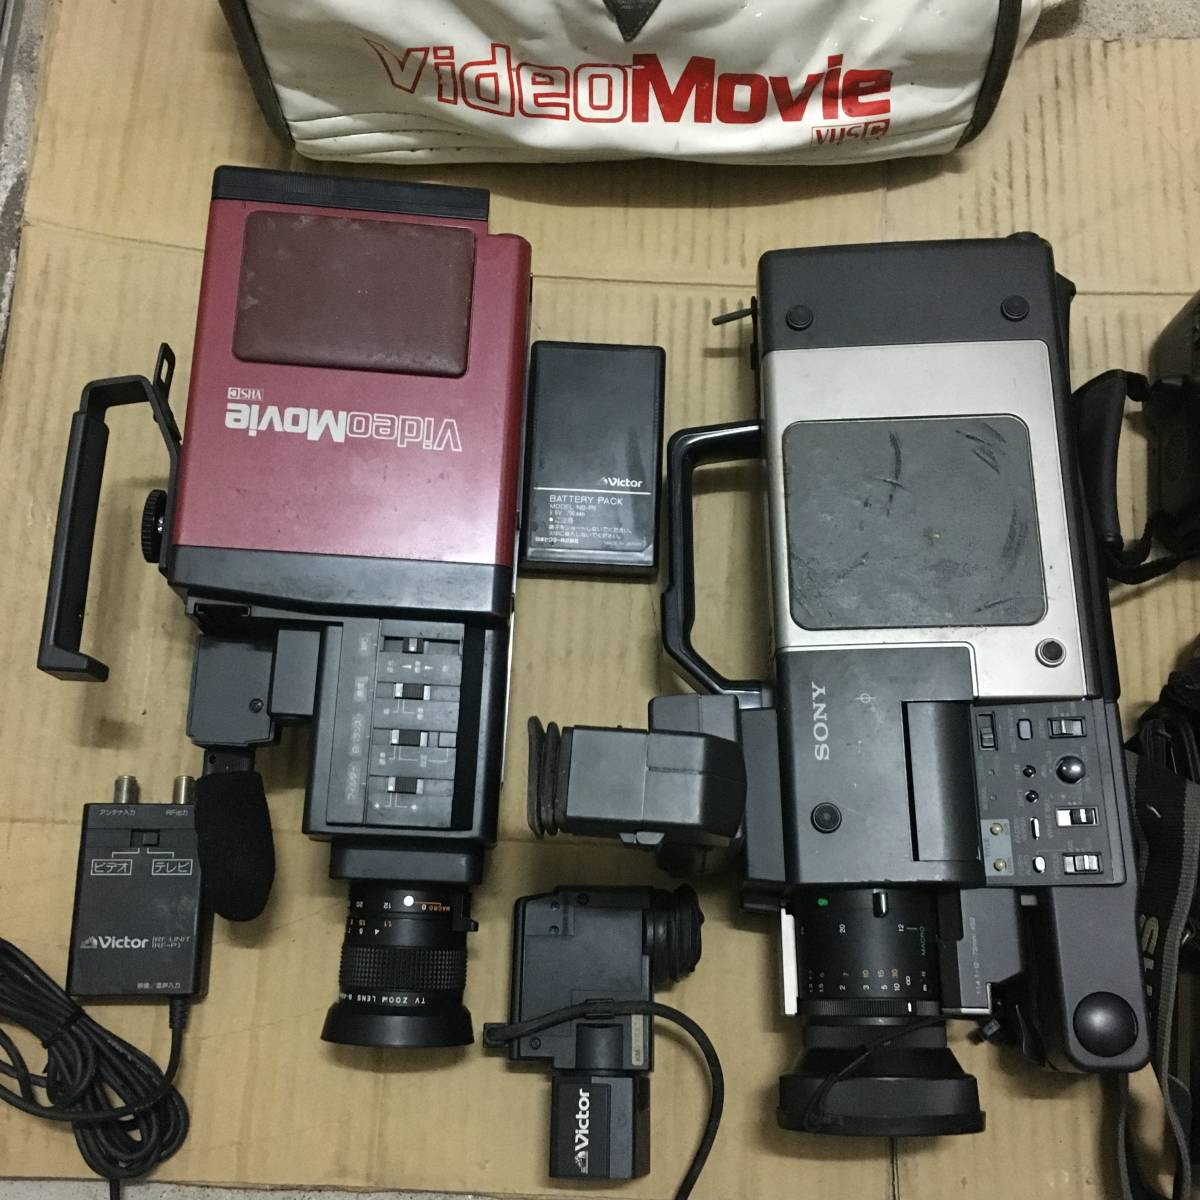 ビデオカメラ(41) 機種色々 Victor(VideoMovie) SONY(Video8,Handycam 3台) SHARP(Viewcam 2台)など まとめて 7台 部品取り ジャンク品_画像5